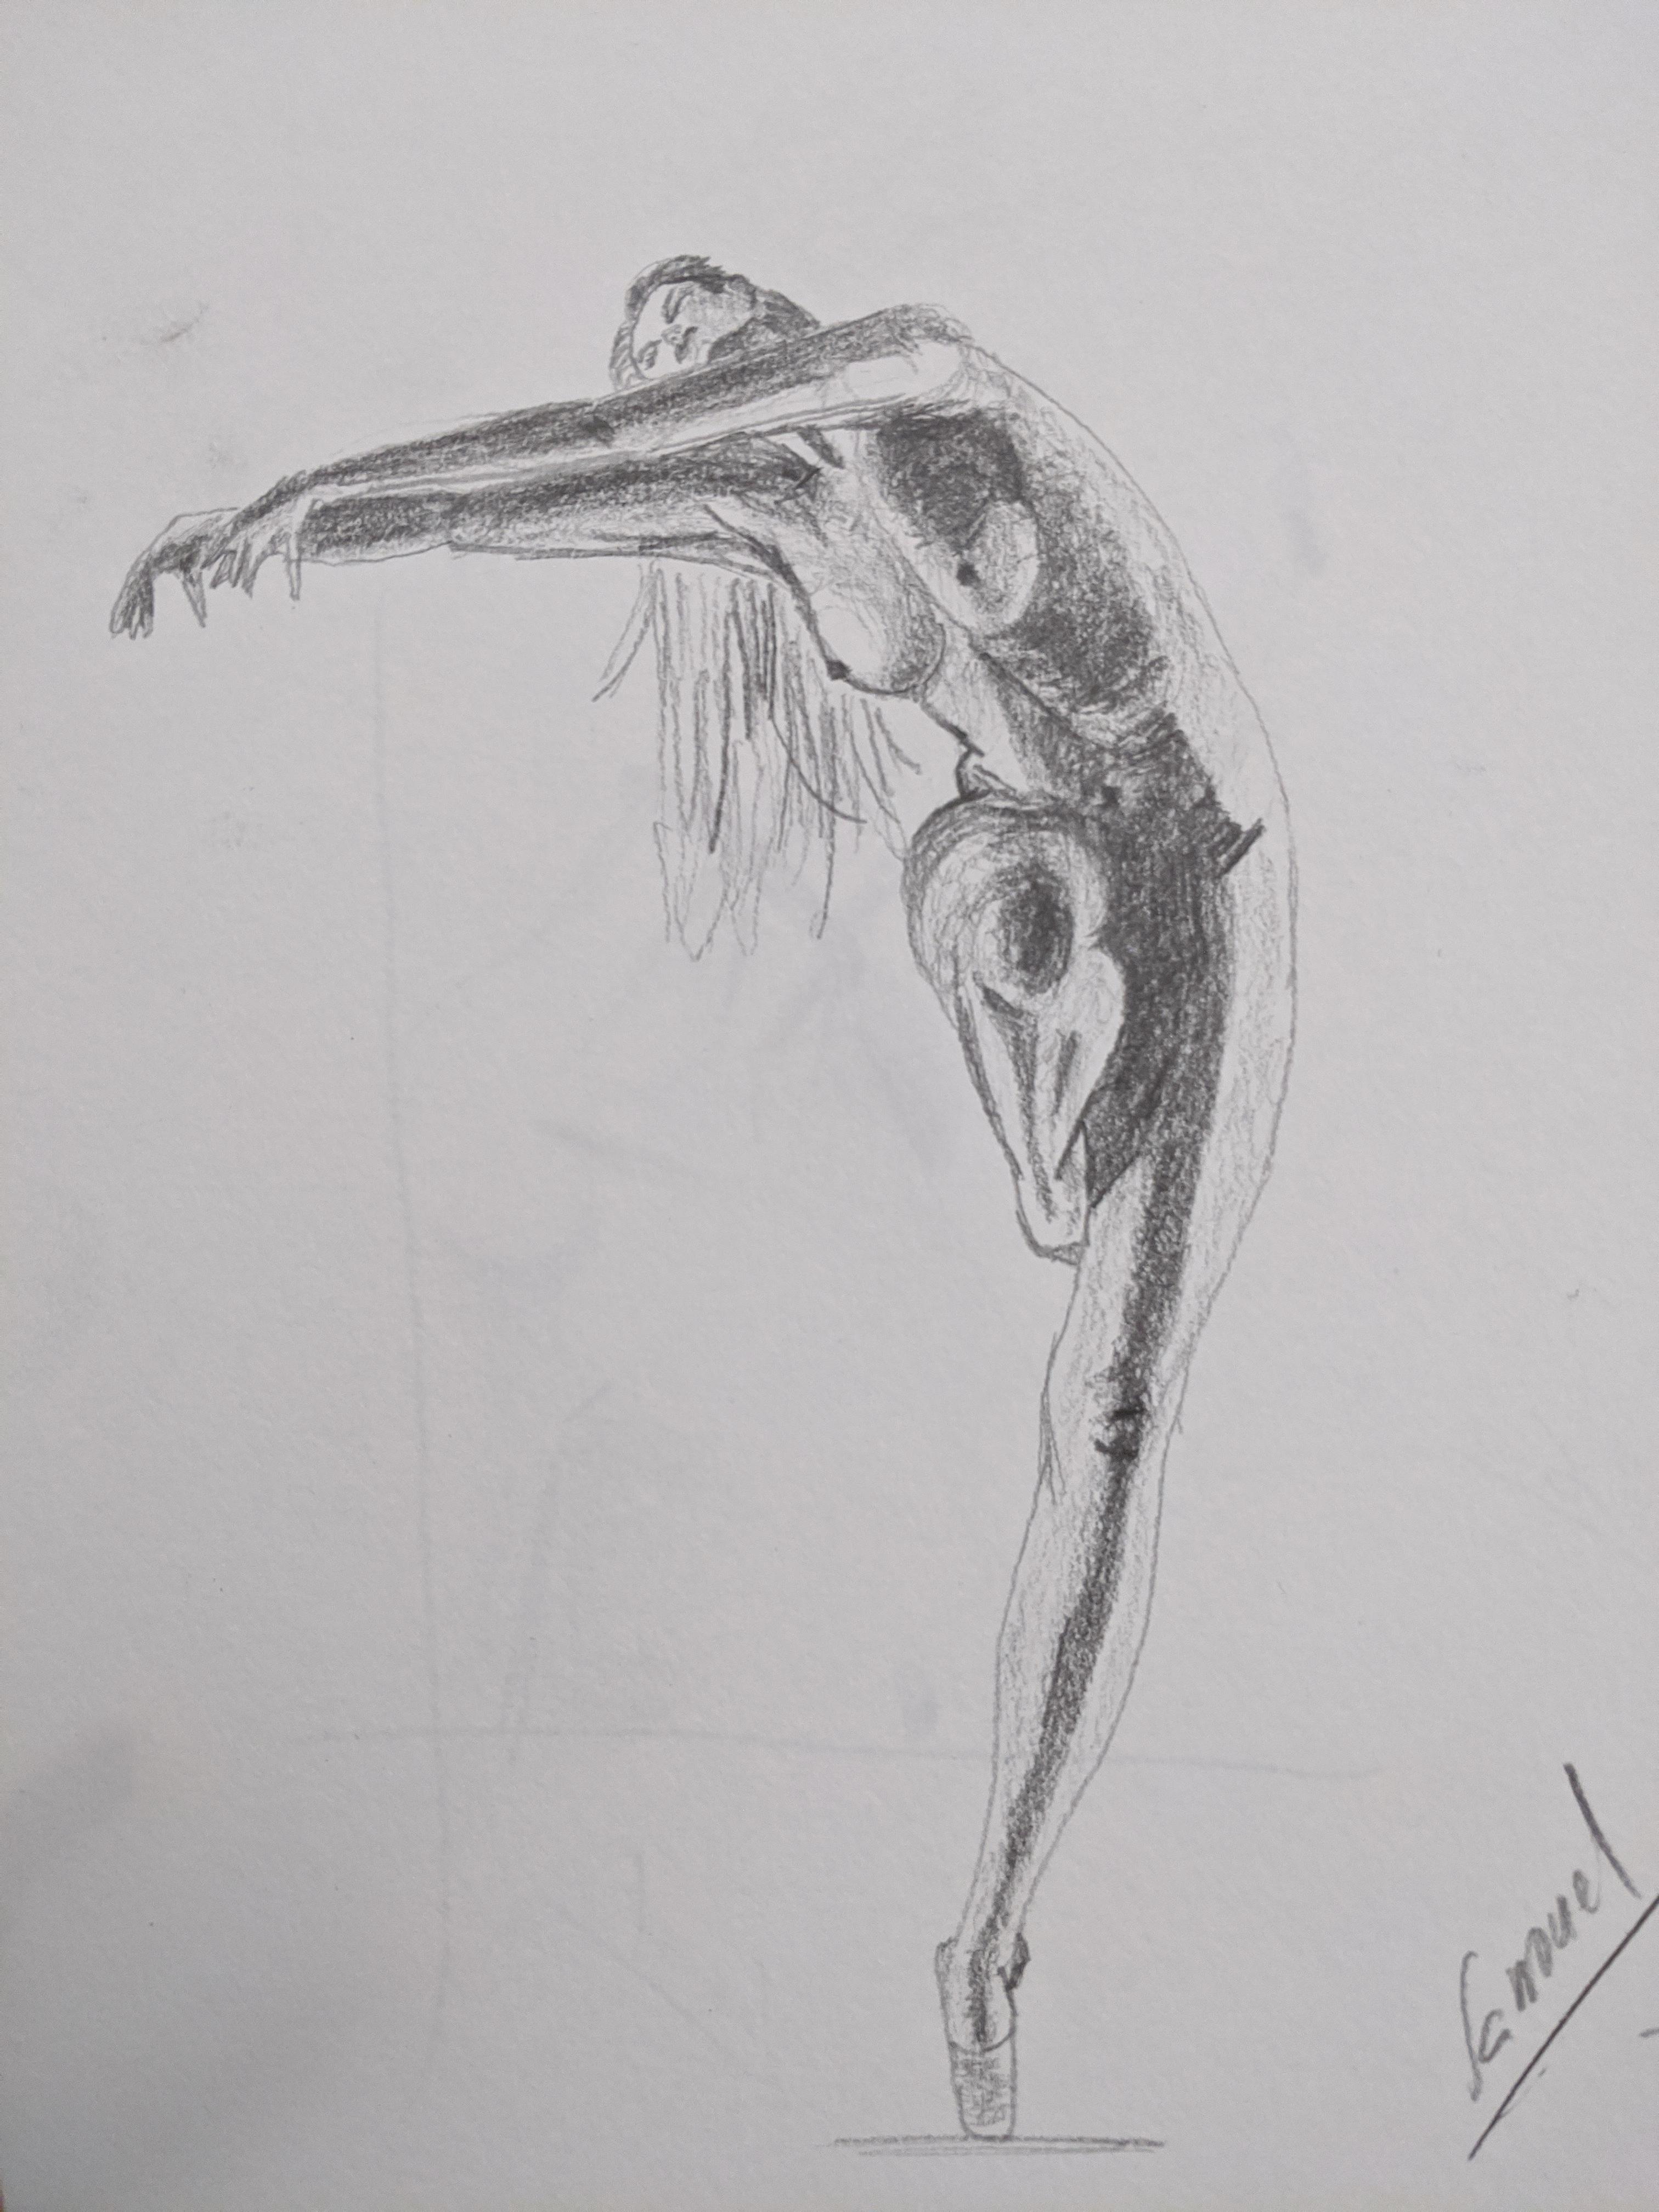 Dessin danseuse graphite sur papier  cours de dessin